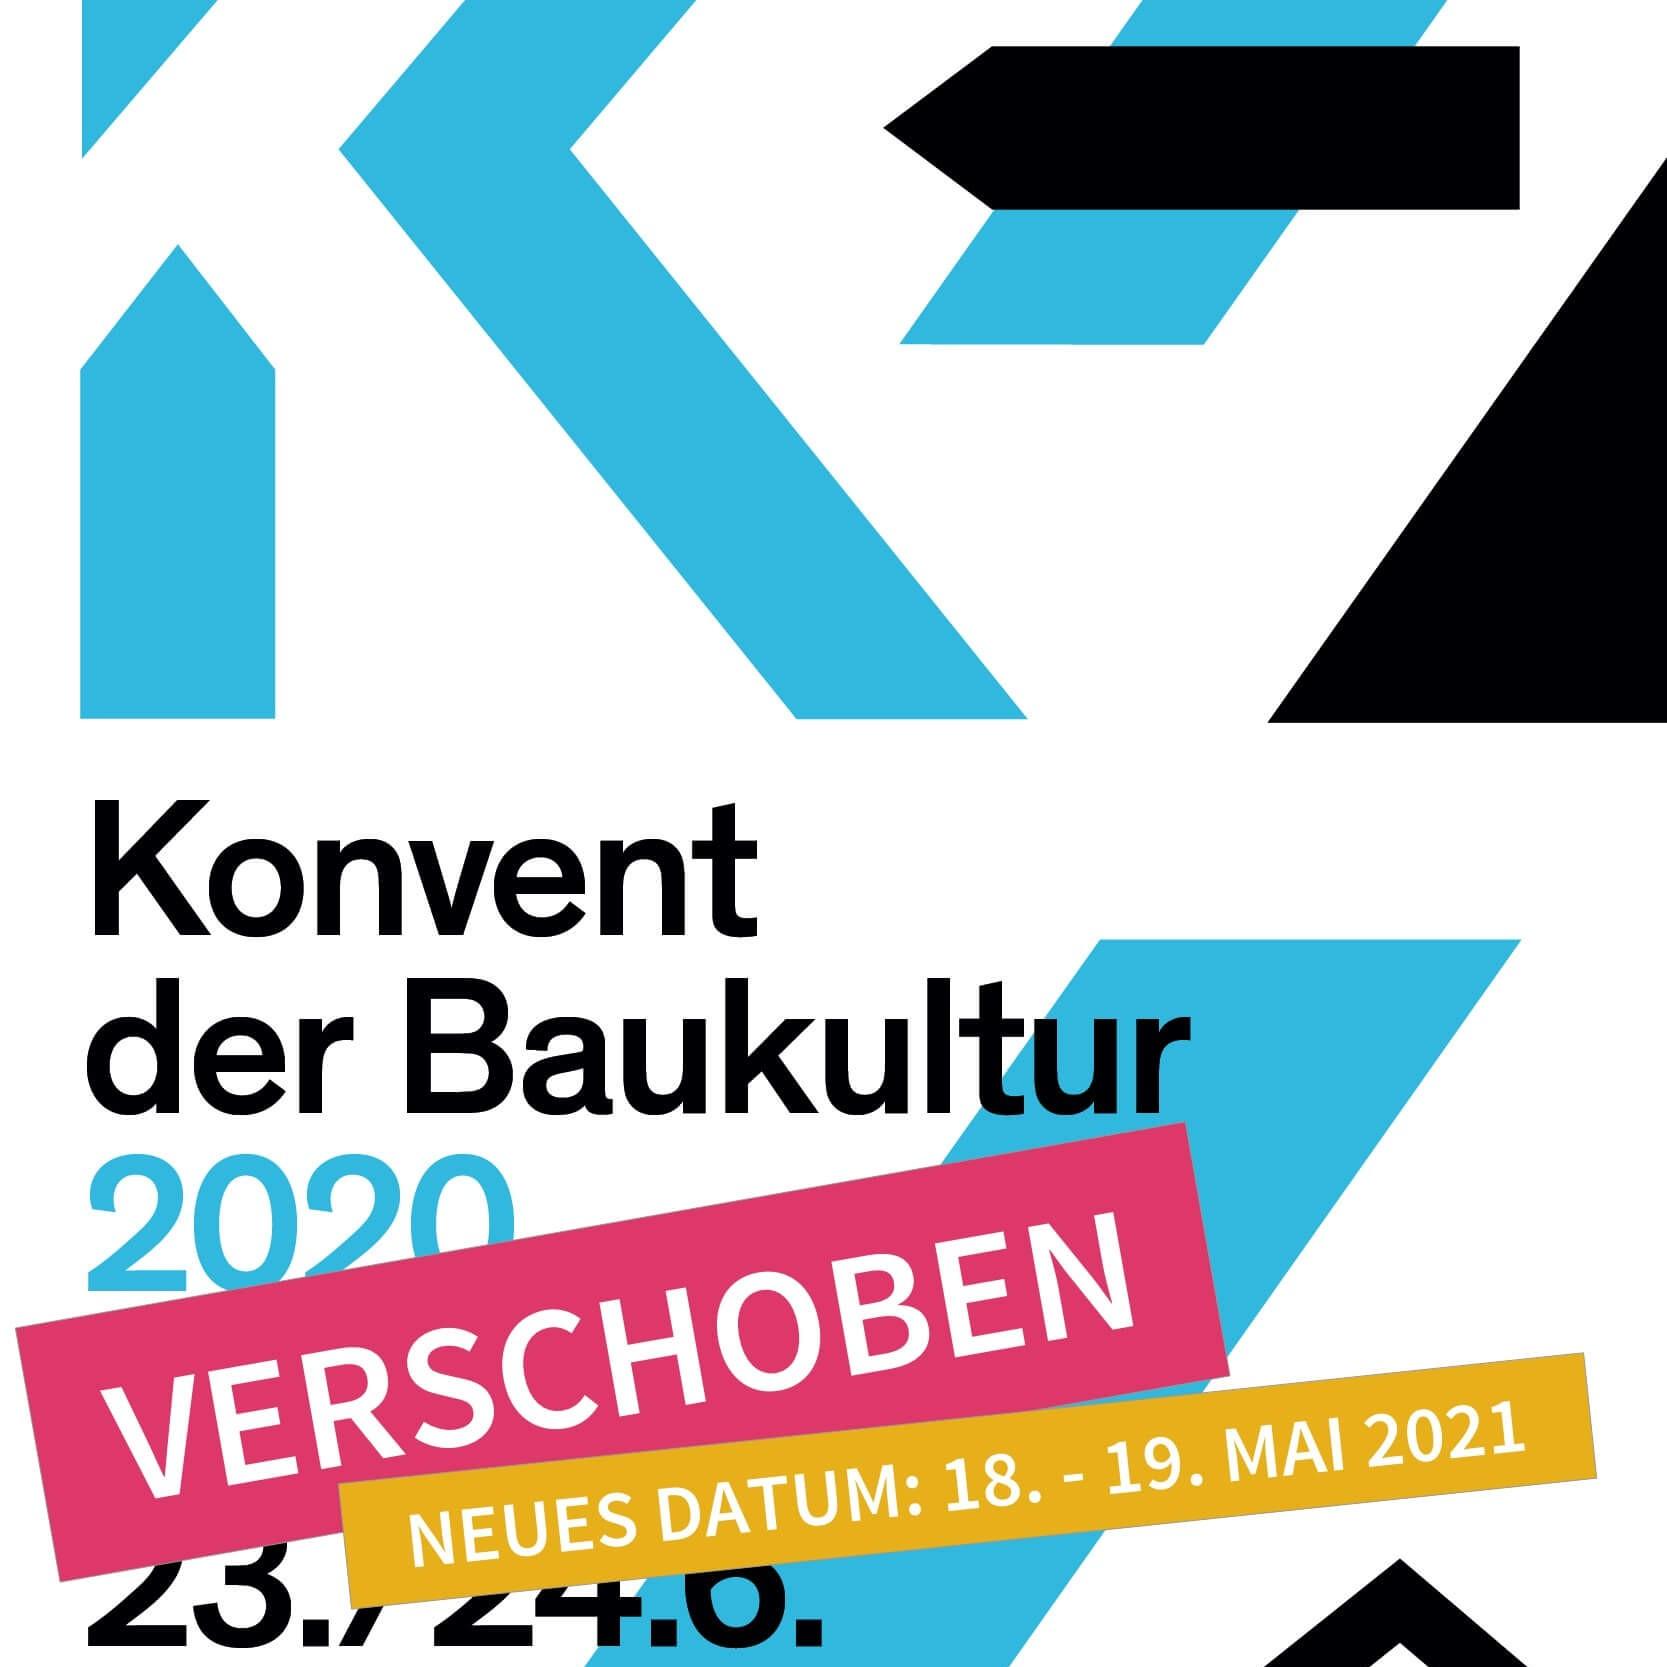 Bundesstiftung Baukultur: Konvent 2021